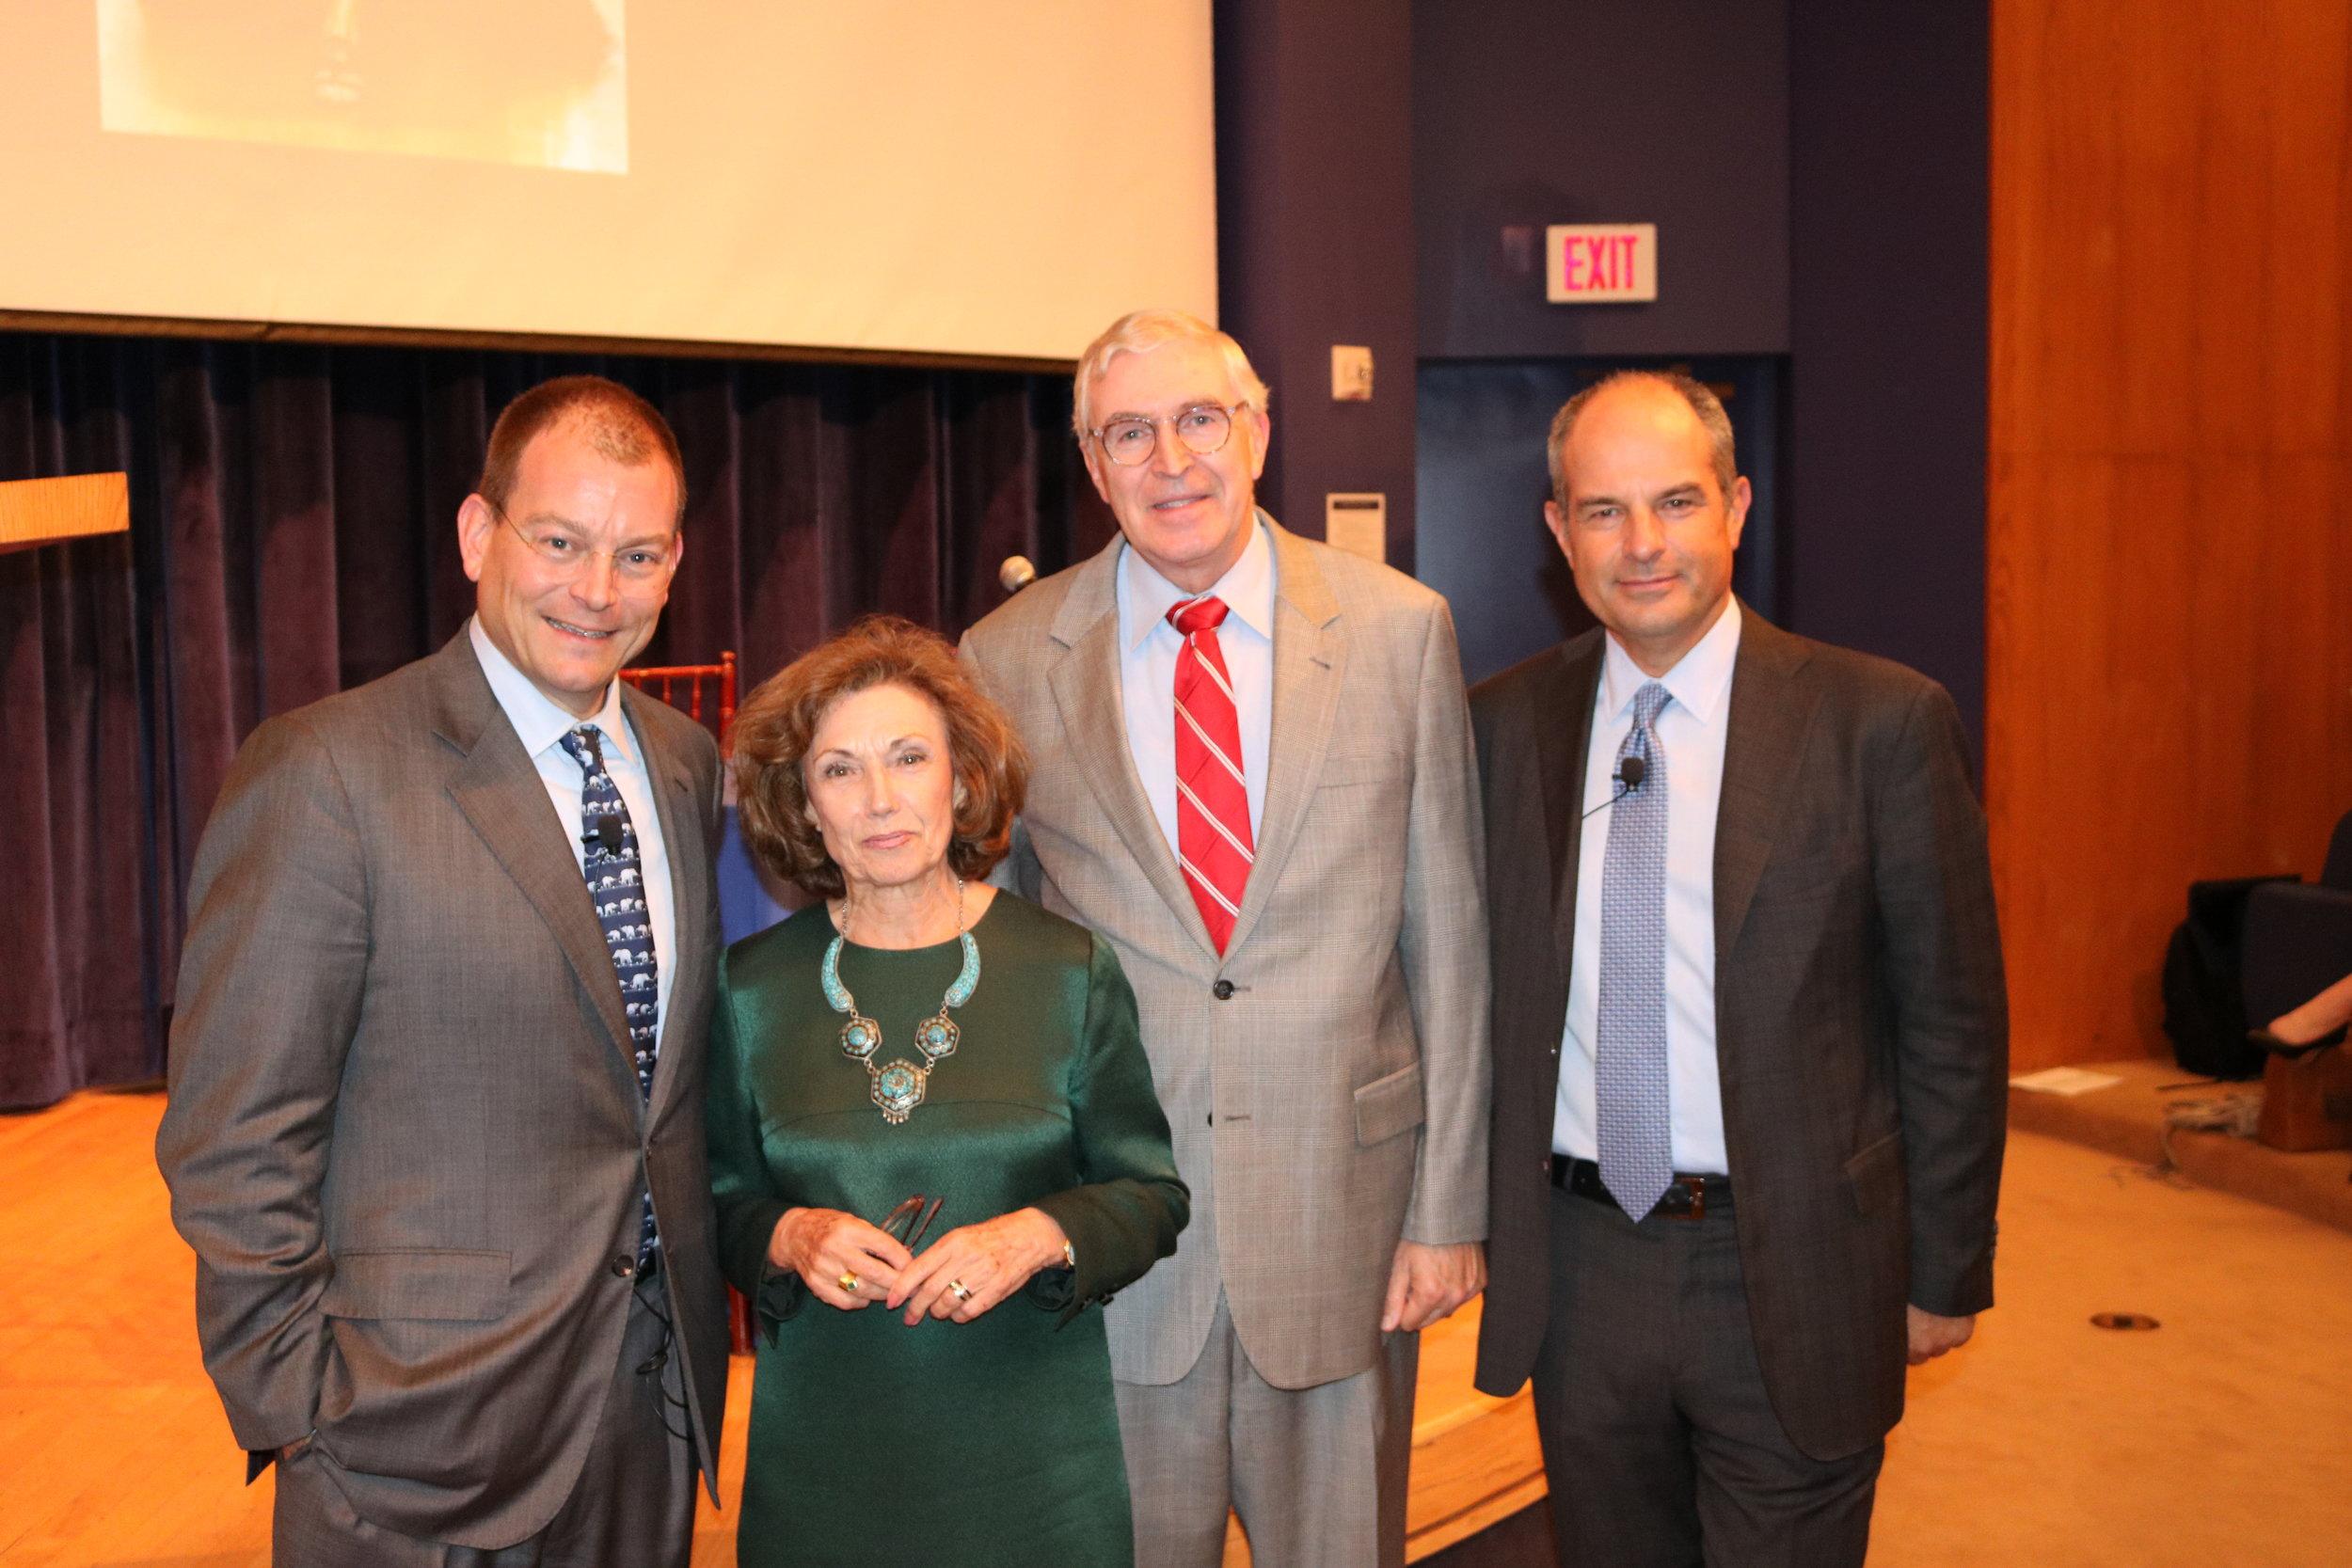 Left to right: Alex Bolen (CEO of Oscar de la Renta), Serafina Hager (Director of Italian Research Institute), Chester Gillis (Dean of Georgetown College),and Massimo Ferragamo (Chairman of Ferragamo)